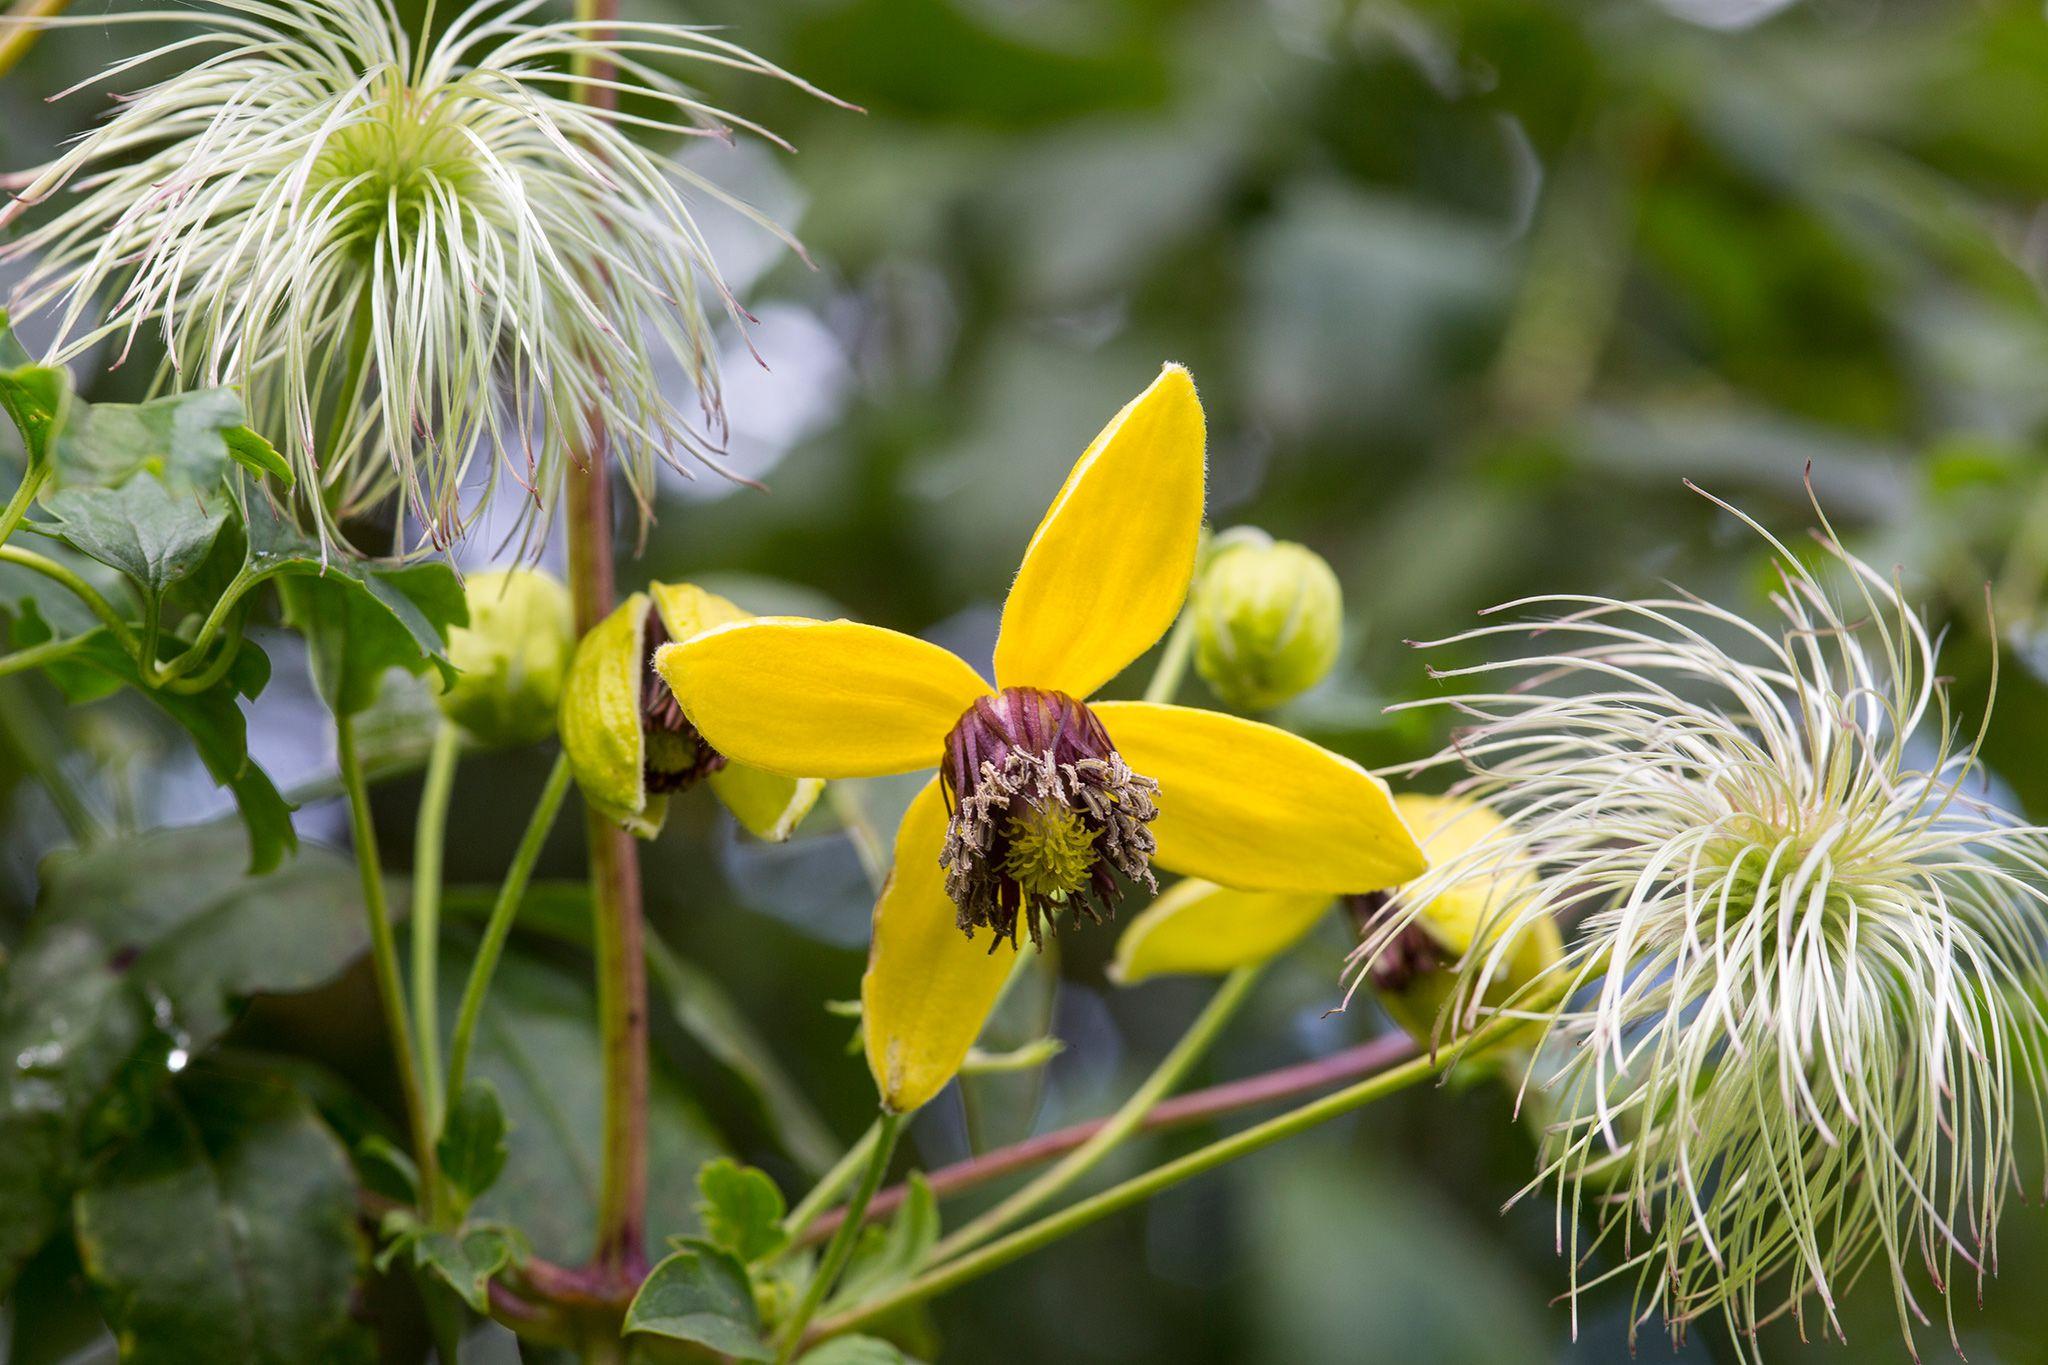 e8e78084e2eb3fff7b372a169768fa30 - How To Take Hydrangea Cuttings Gardeners World